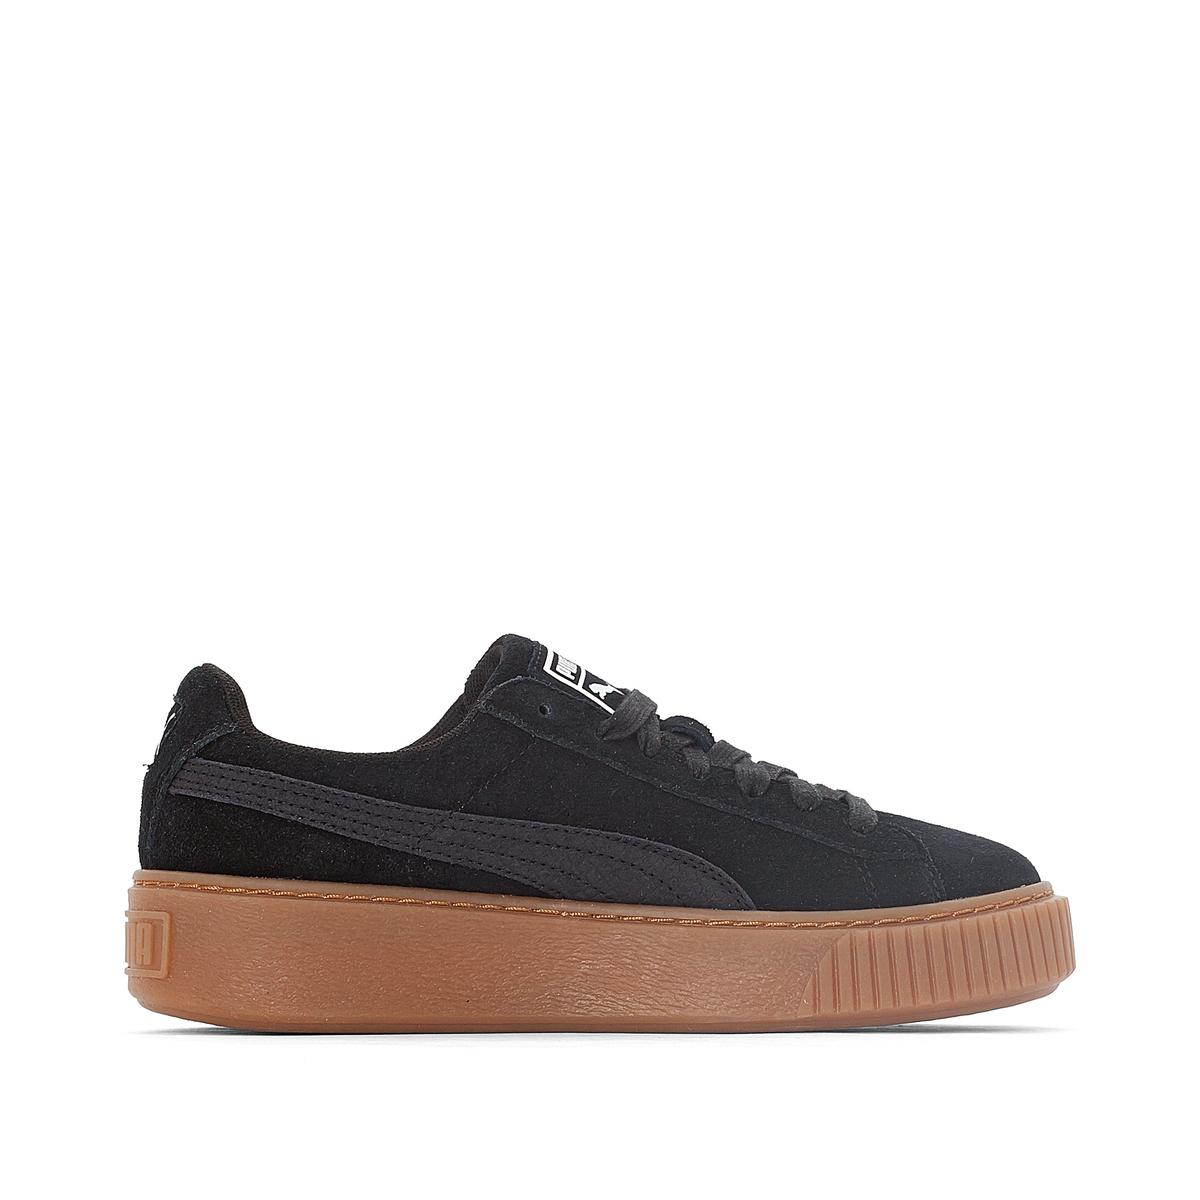 Zapatillas con suela gruesa Suede Platform Gum